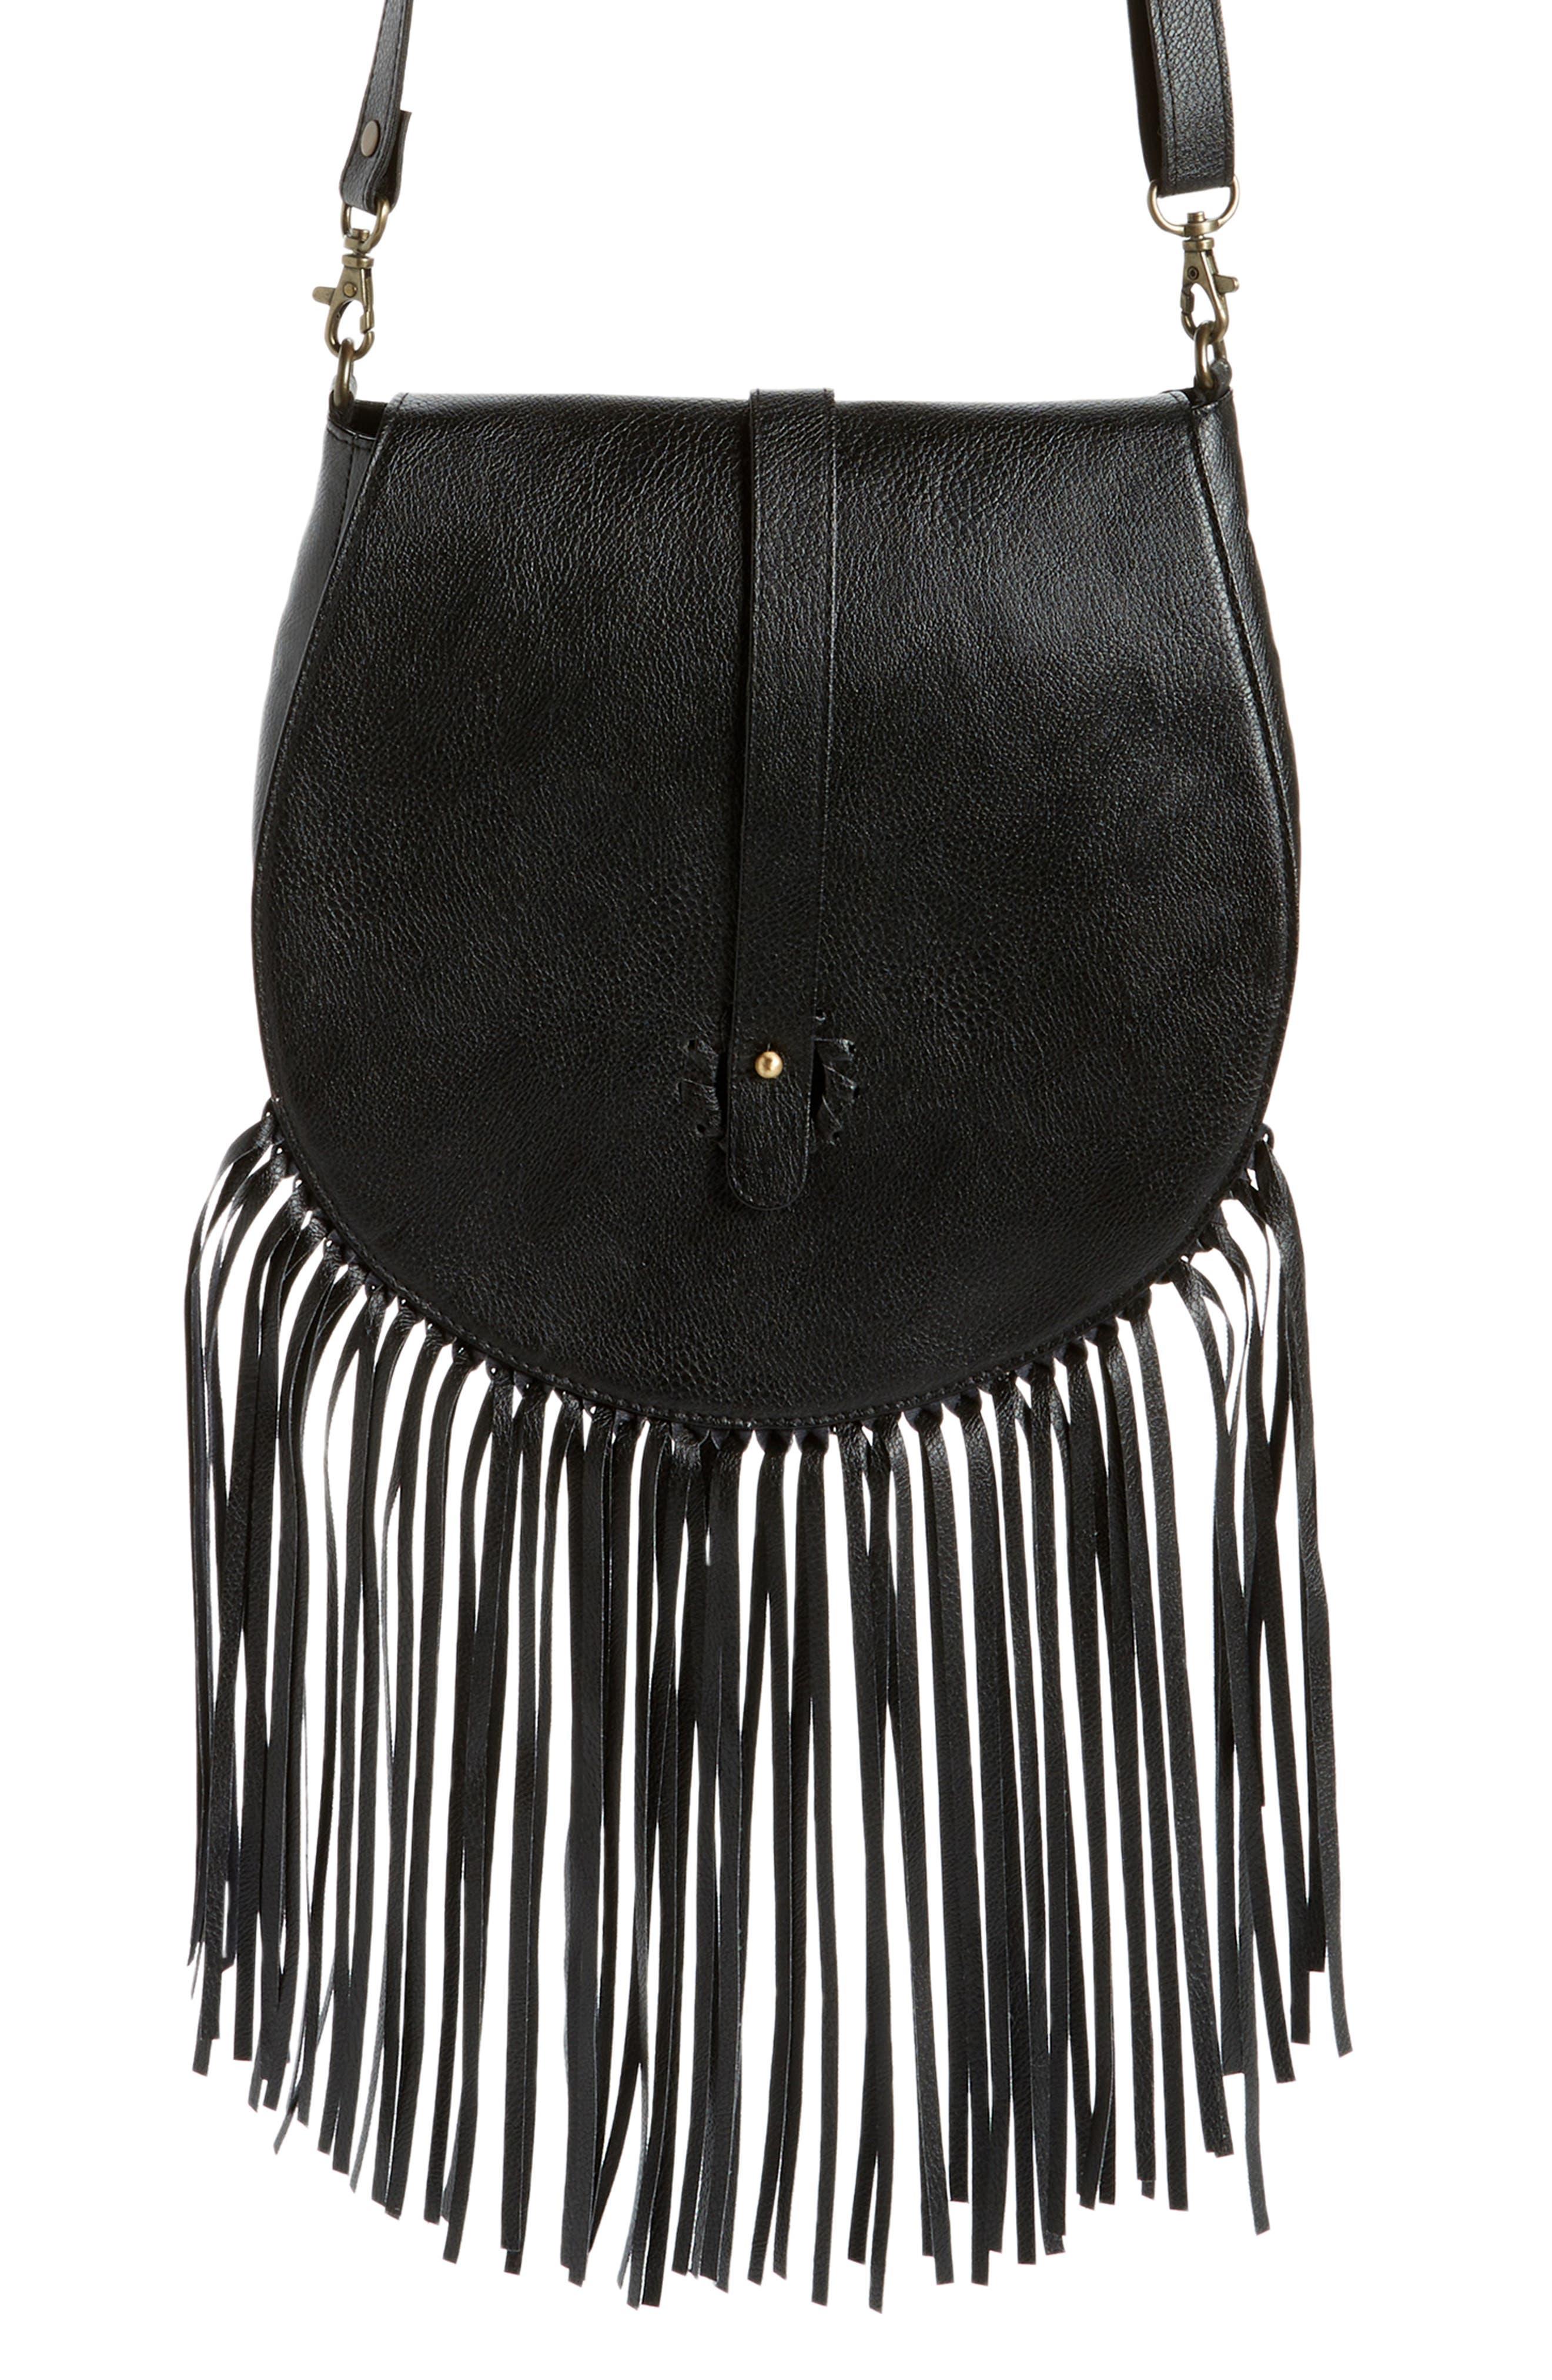 Fringe Faux Leather Saddle Crossbody Bag